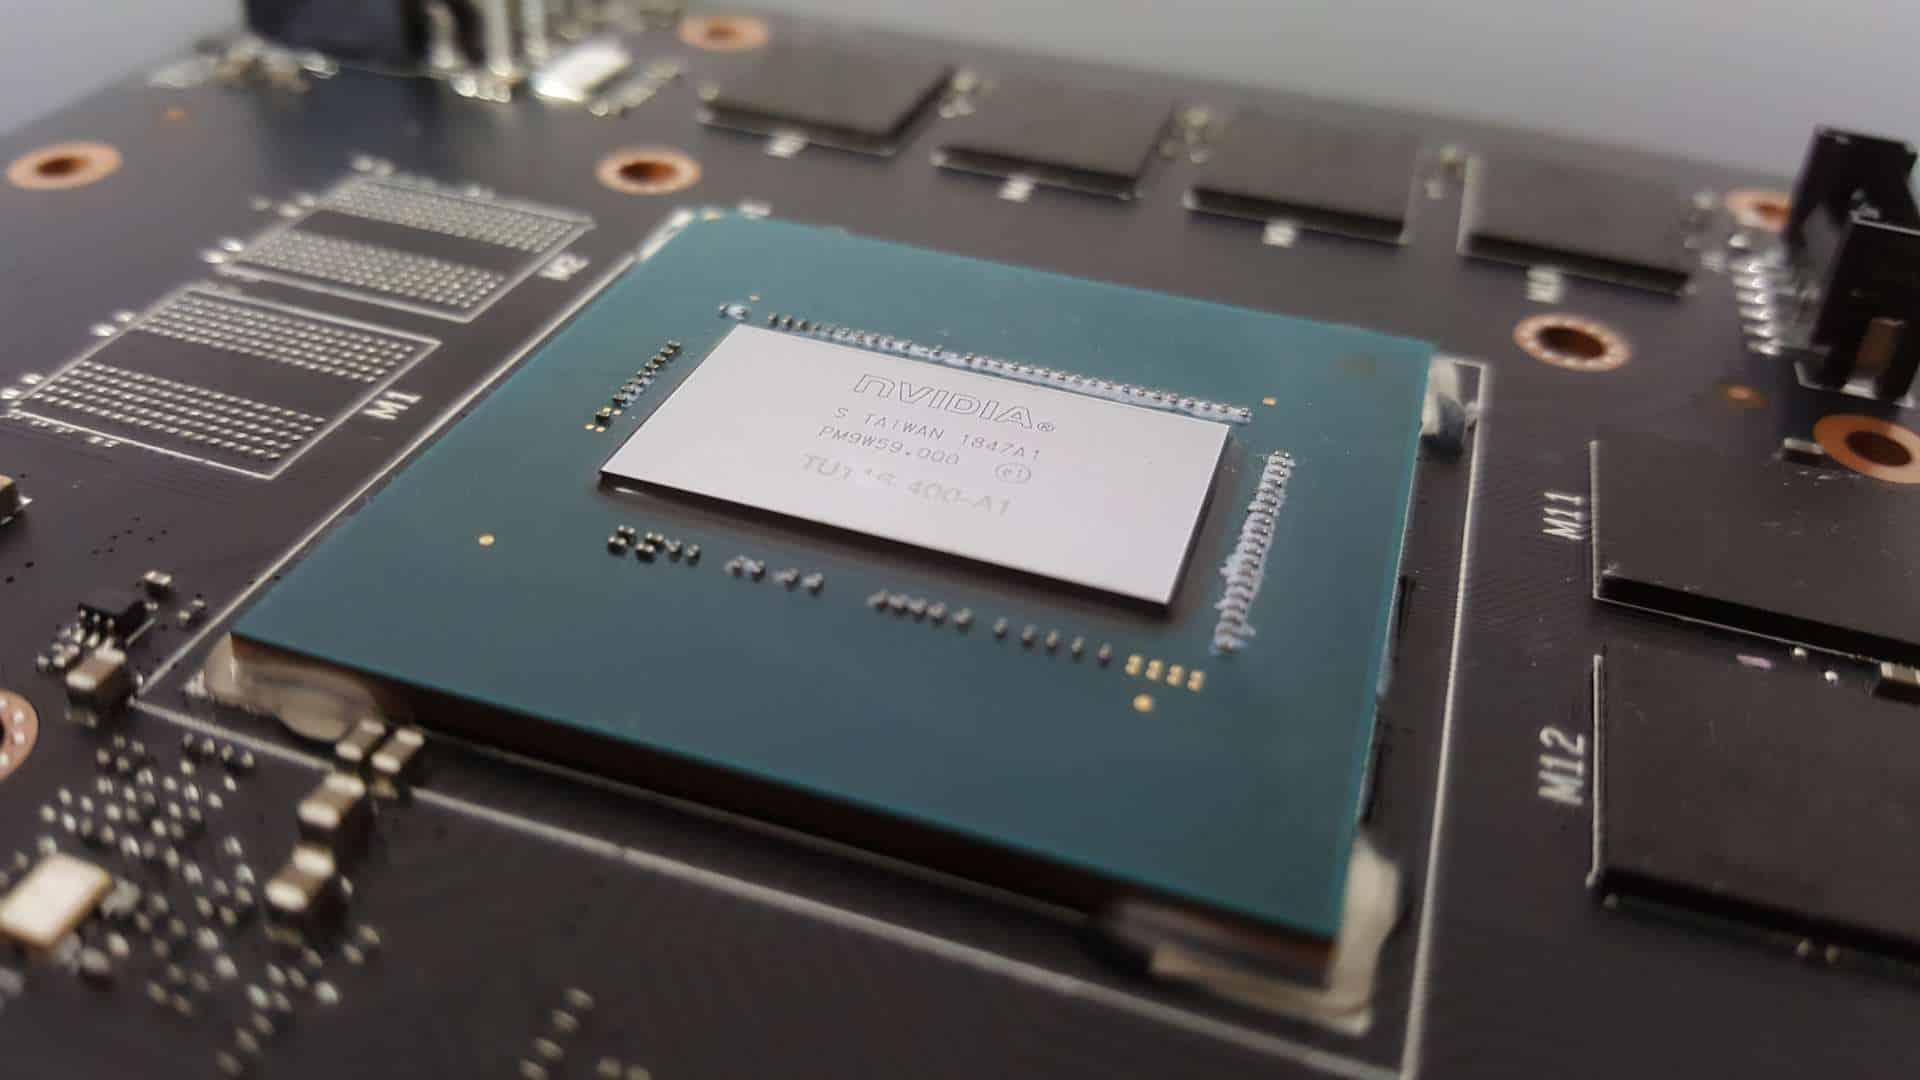 NVIDIA GTX 1660 Super will come with 14 GB/s GDDR6 memory